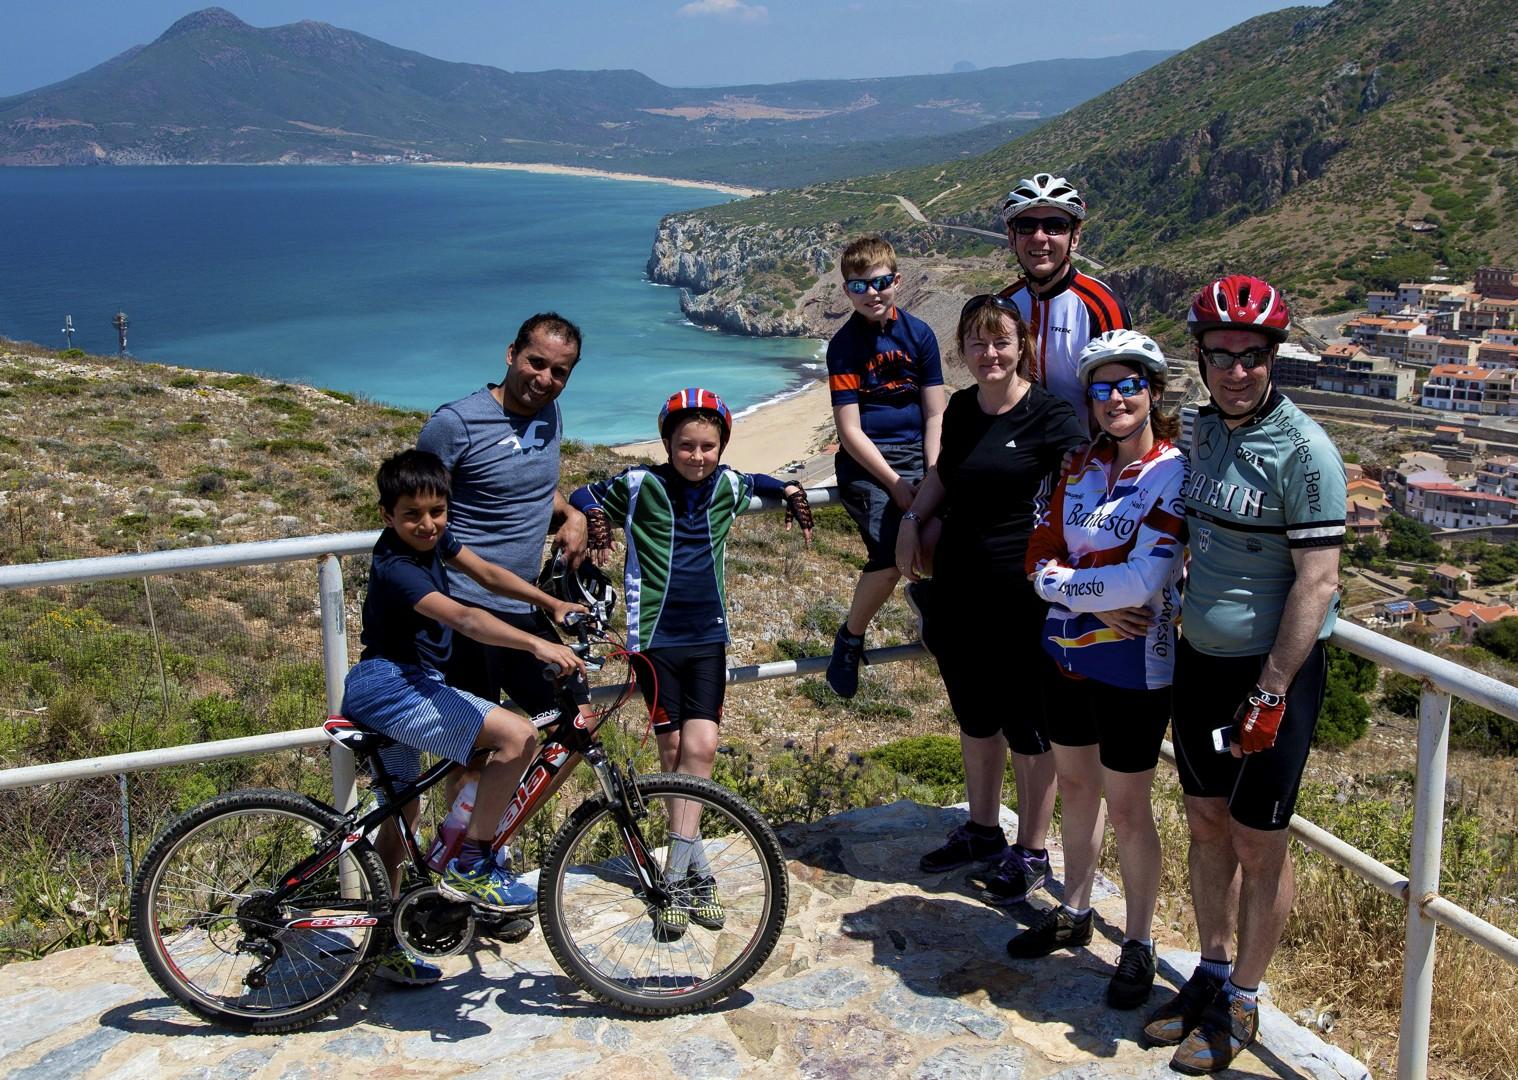 SardiniaCycling-42.jpg - Italy - Sardinia - Family Flavours - Guided Family Cycling Holiday - Family Cycling